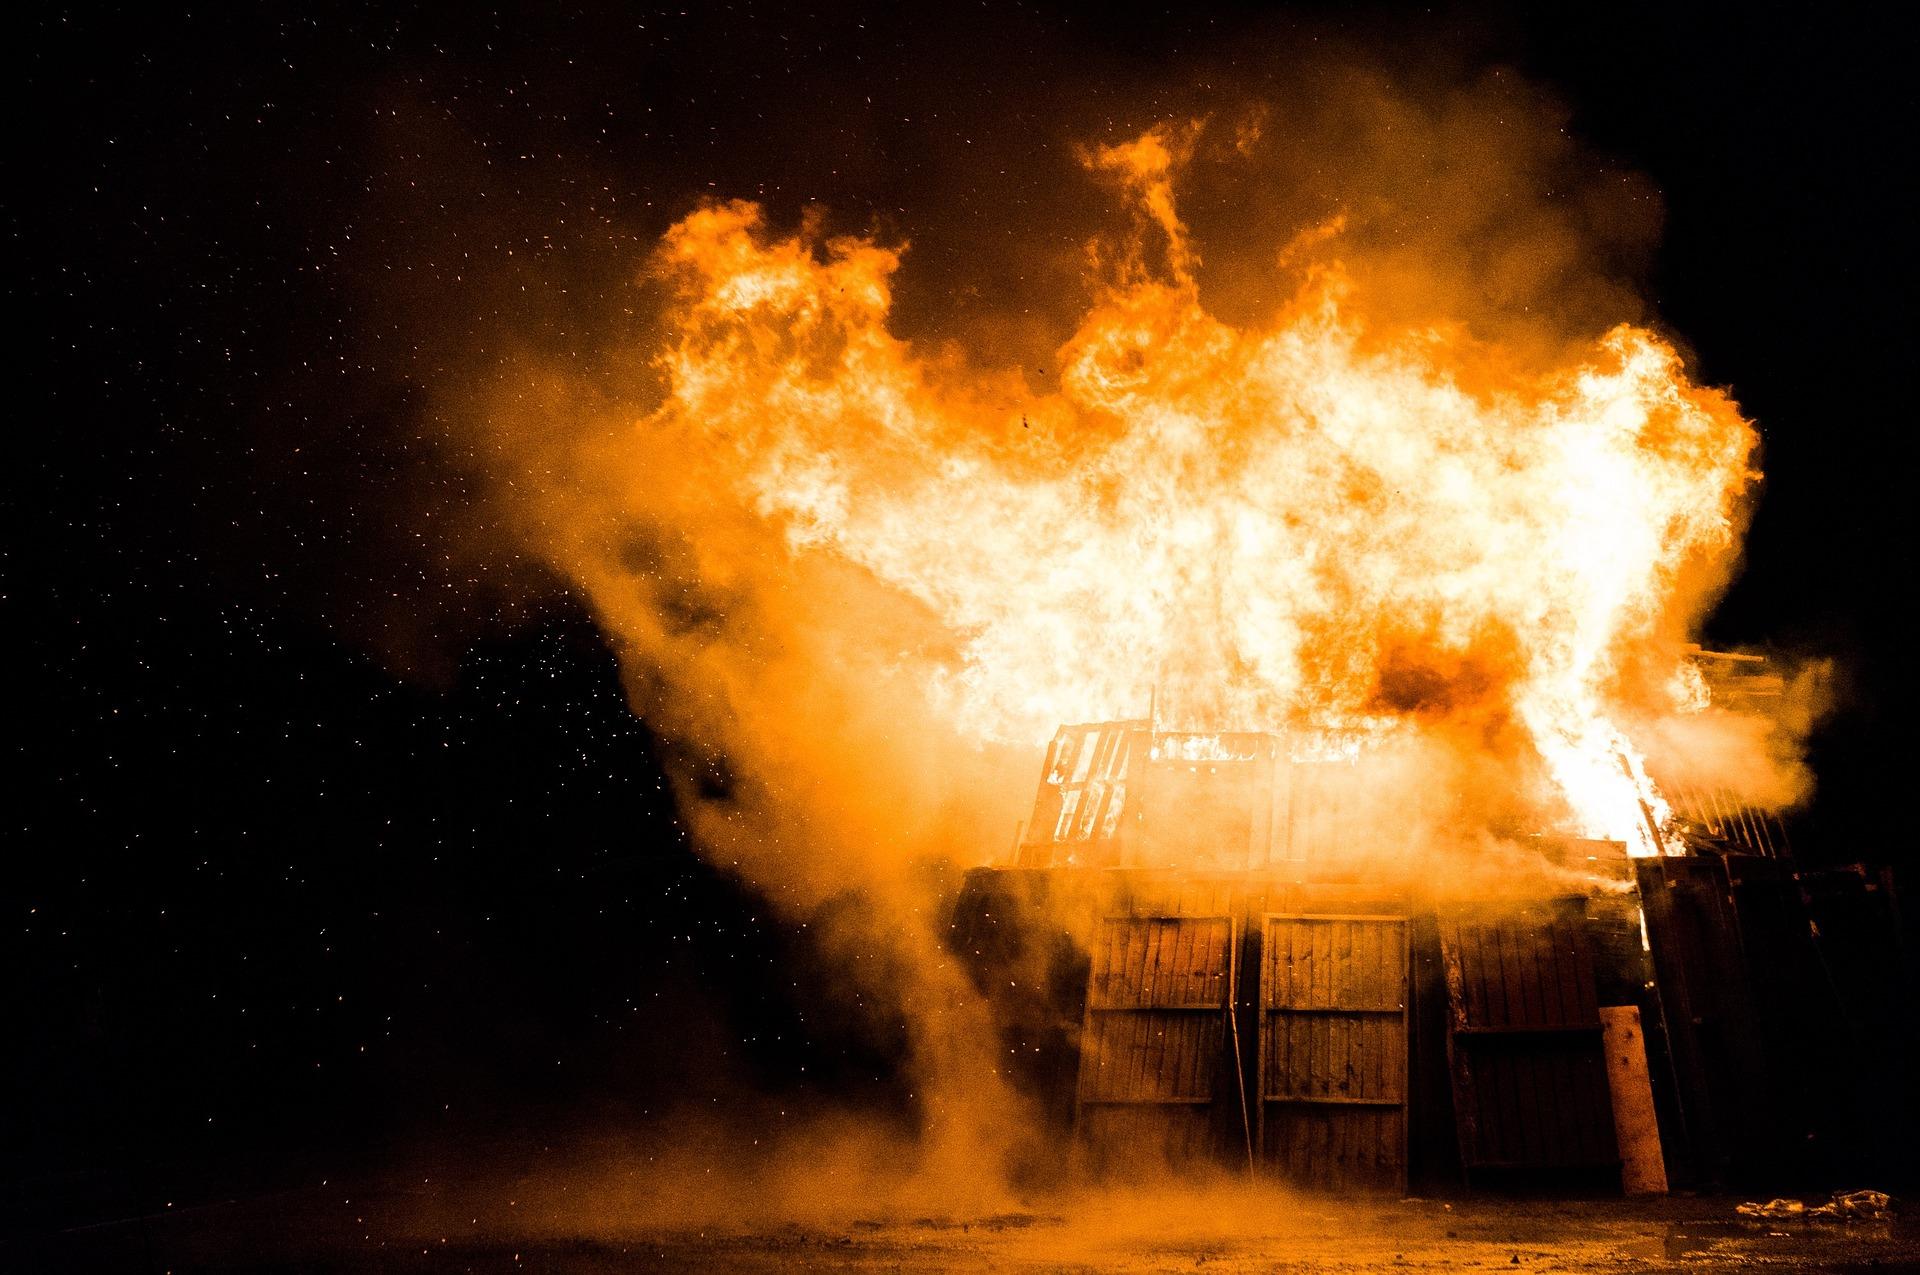 fire-1030751_1920.jpg